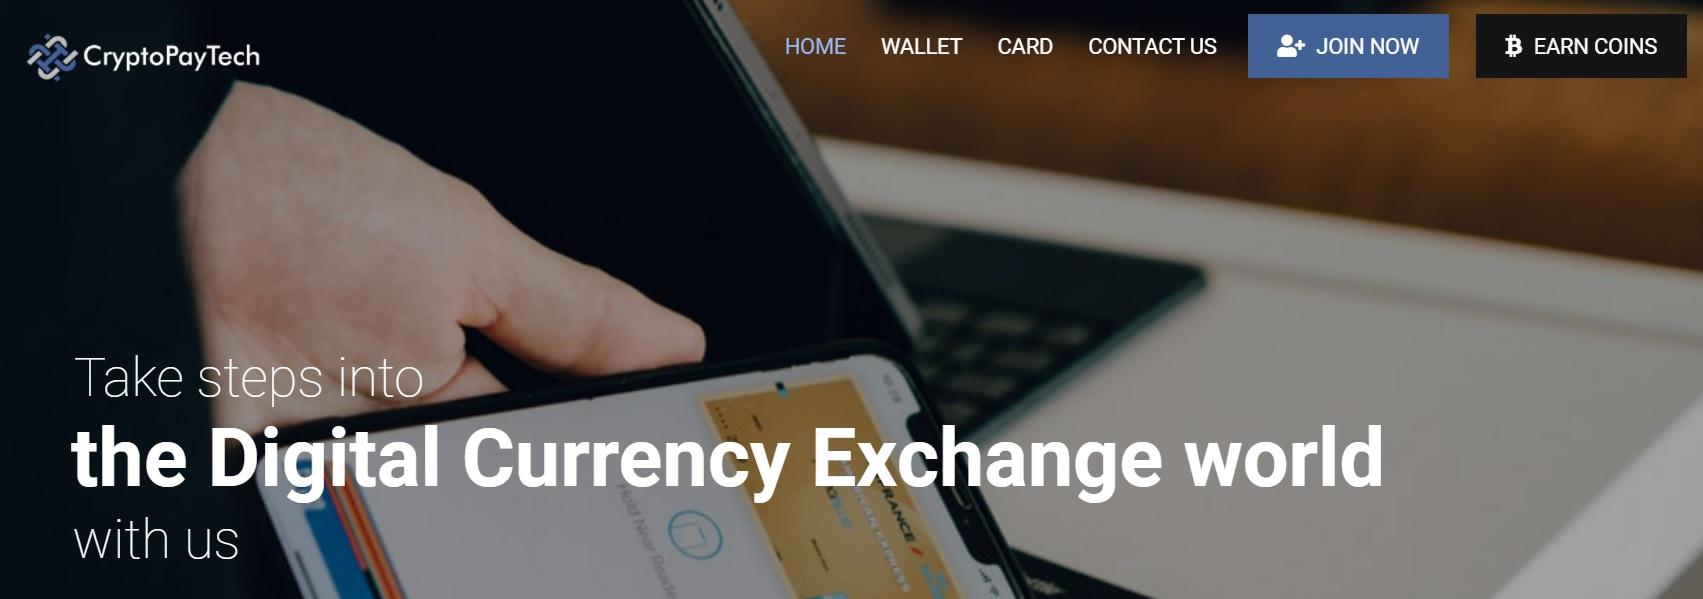 CryptoPayTech Trading Platform